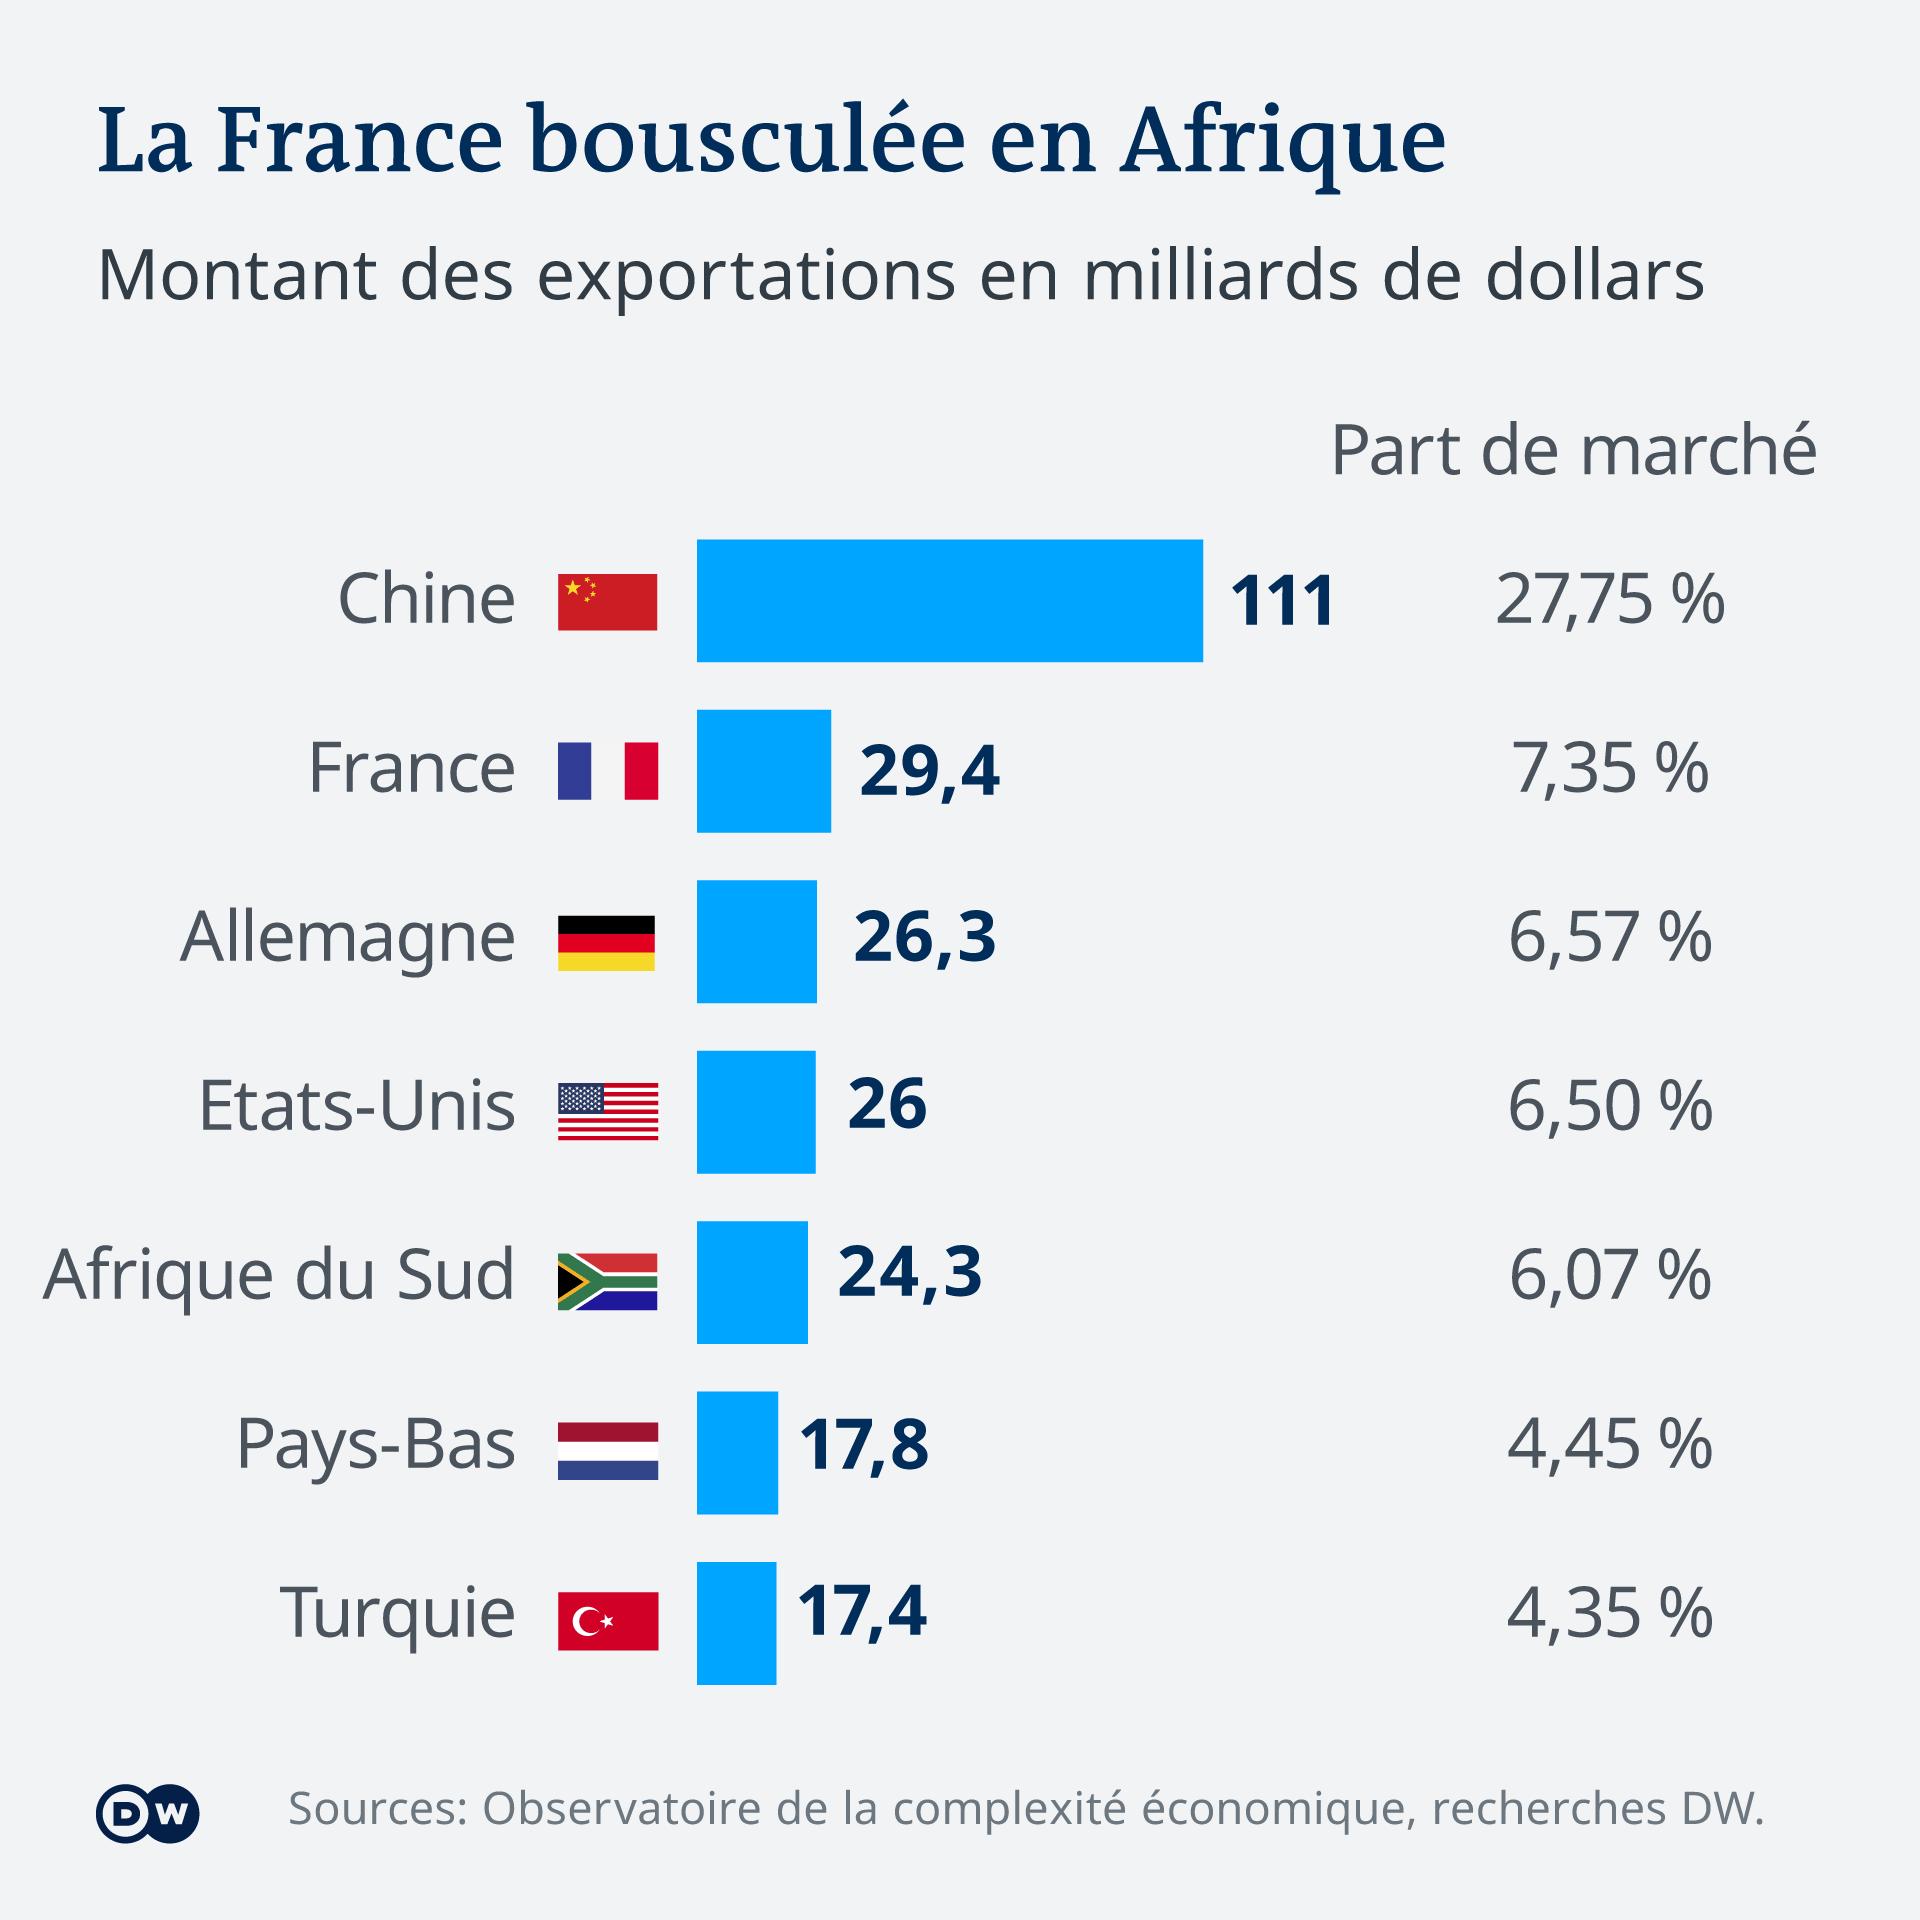 La France est suivie de près par l'Allemagne et les Etats-Unis en matière d'exportations.